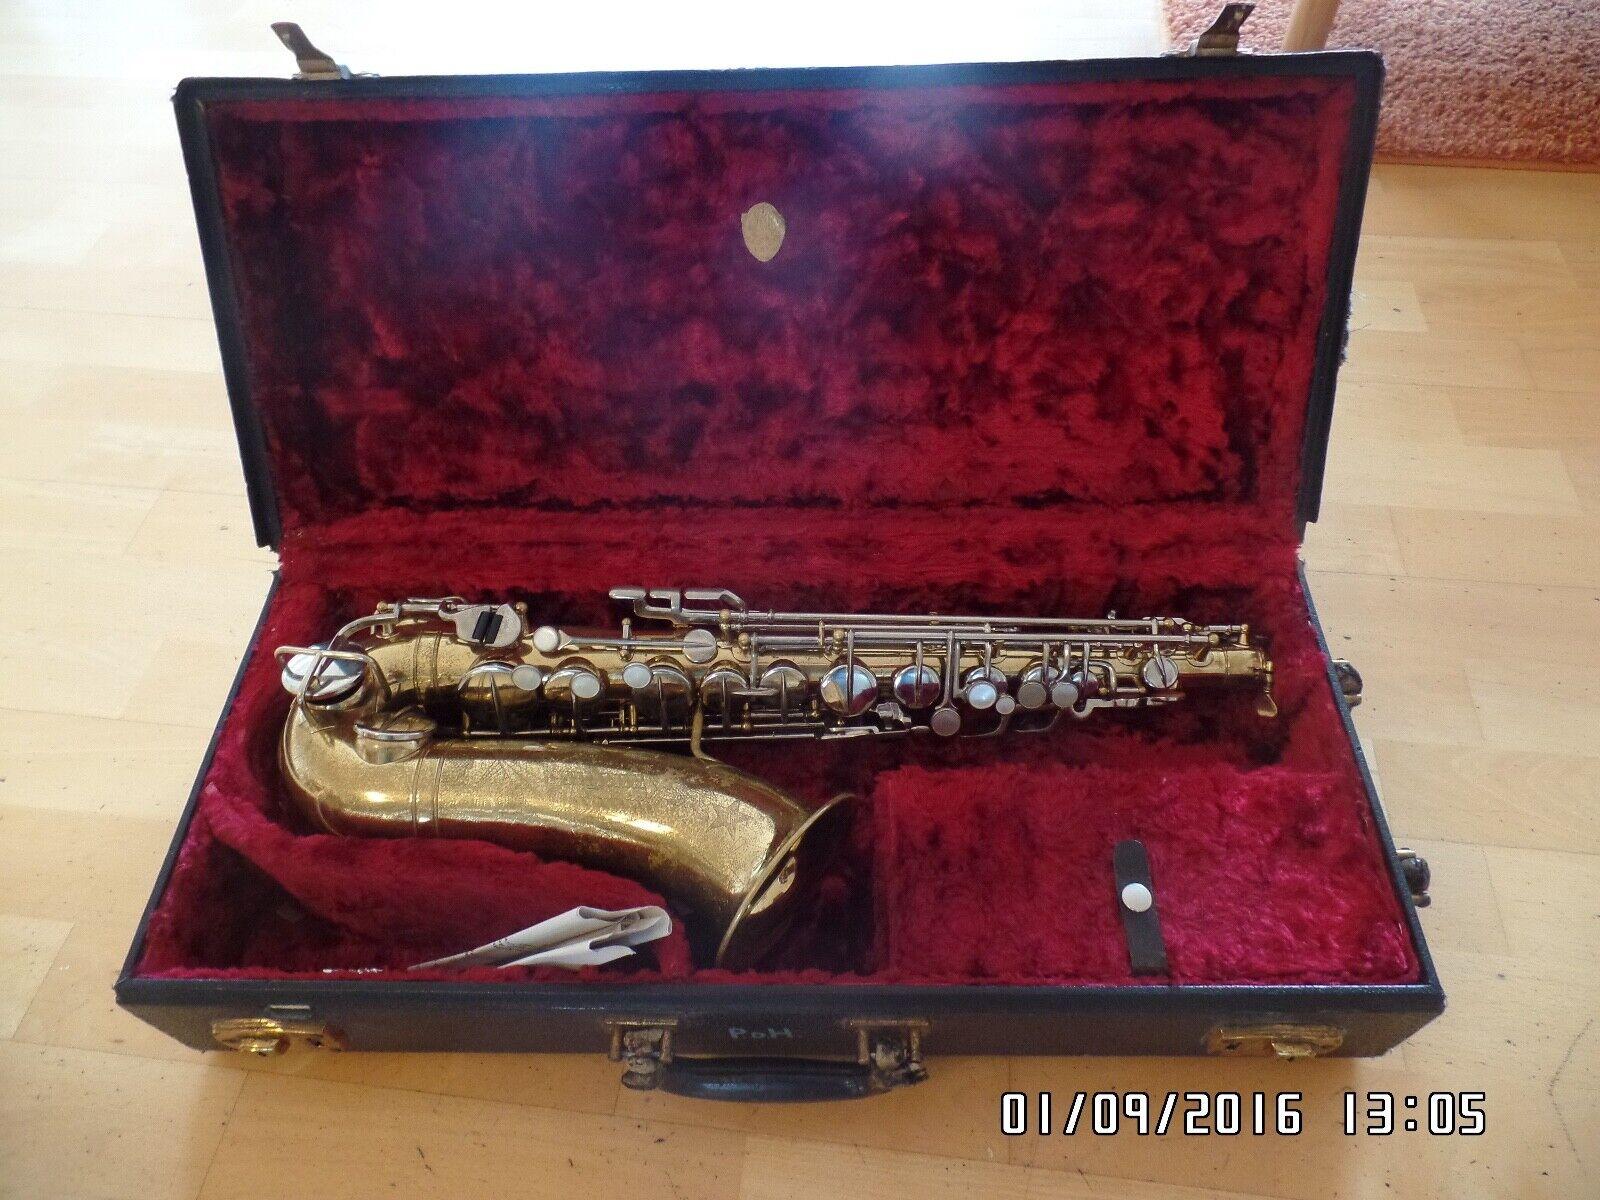 Martin Alt Saxophon Vintage SerienNummer 124609